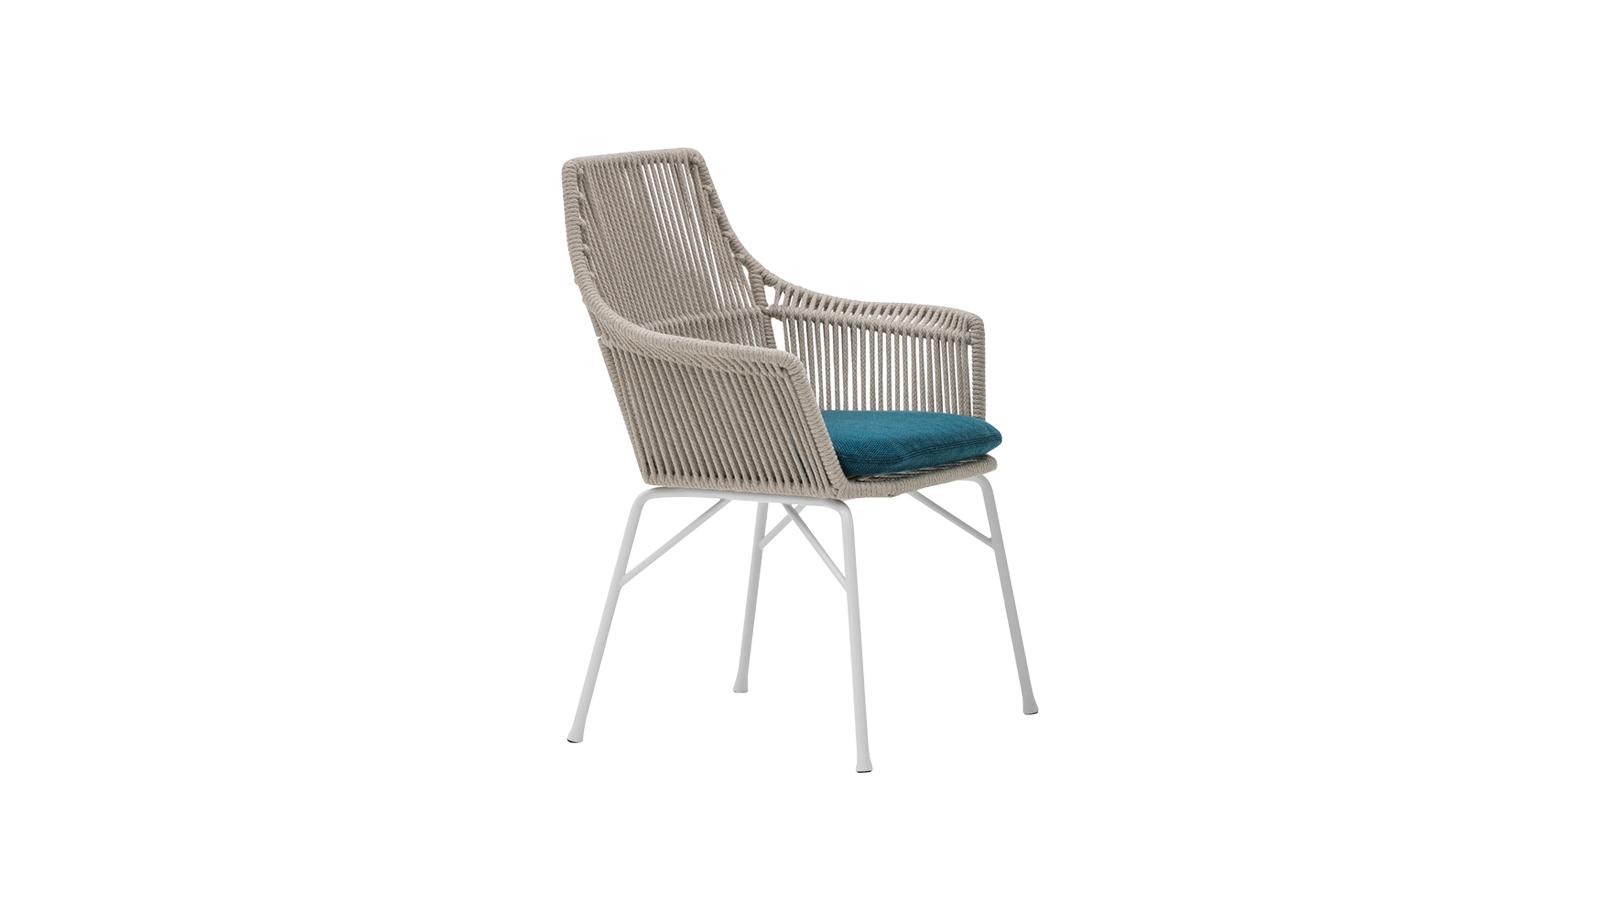 Az ötvenes évek formái ihlették a York szék Cord változatát, mely az azonos nevű, 2012-ben bemutatott, beltéri darab továbbfejlesztése. A szék egy könnyű fémszerkezetből és zsinóros támlából áll, melyet egy kényelmes ülőpárna egészít ki. Rodolfo Dordoni alkotása több színkombinációban elérhető.